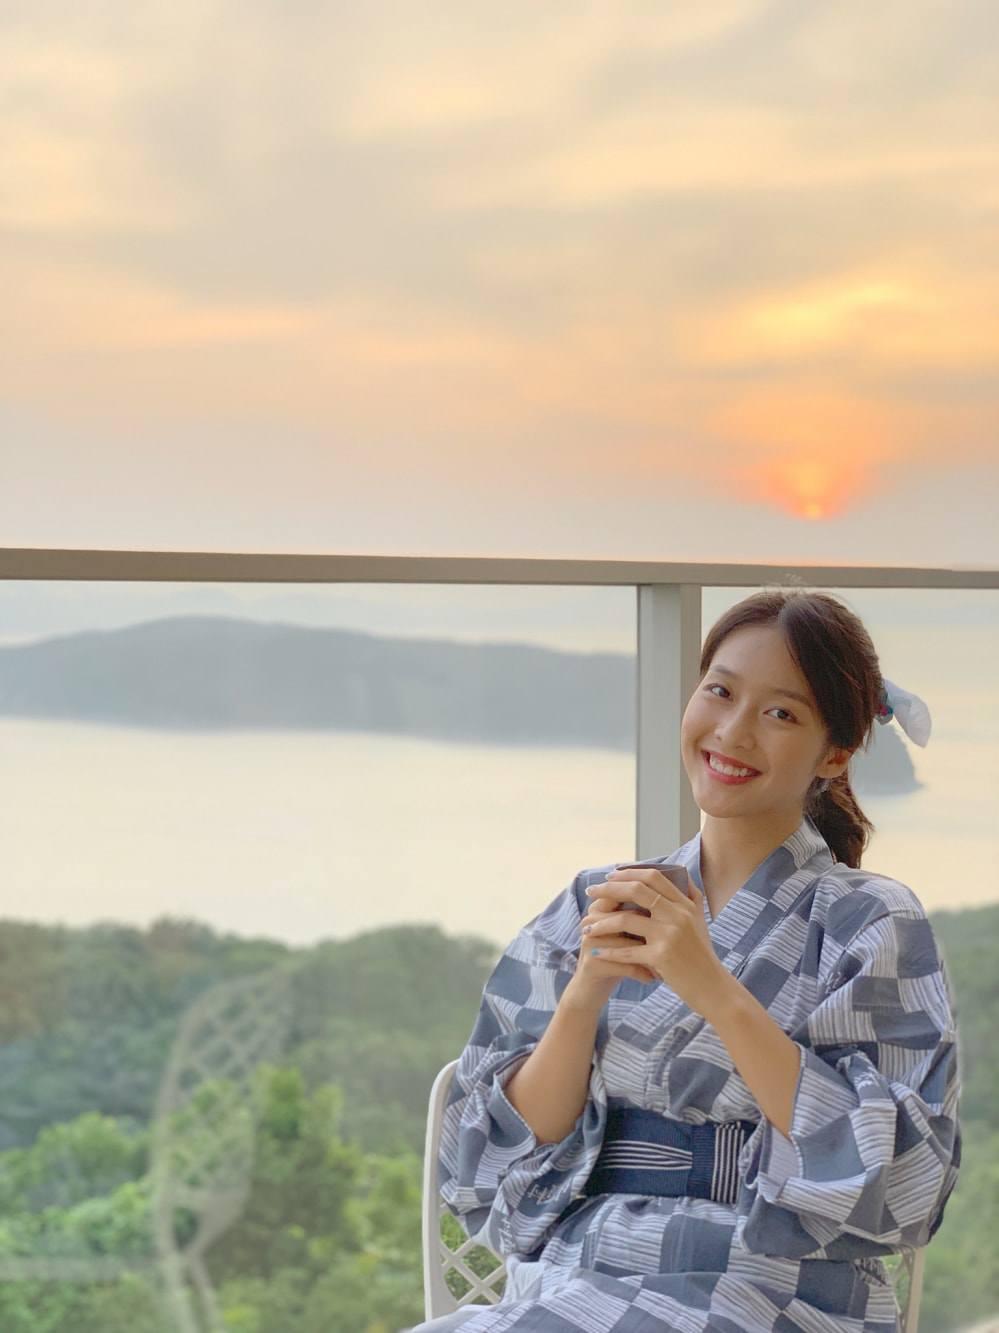 kha ngan - my nhan viet tung dong vaicua song hye kyovao top 100 guong mat dep nhat chau a - 5